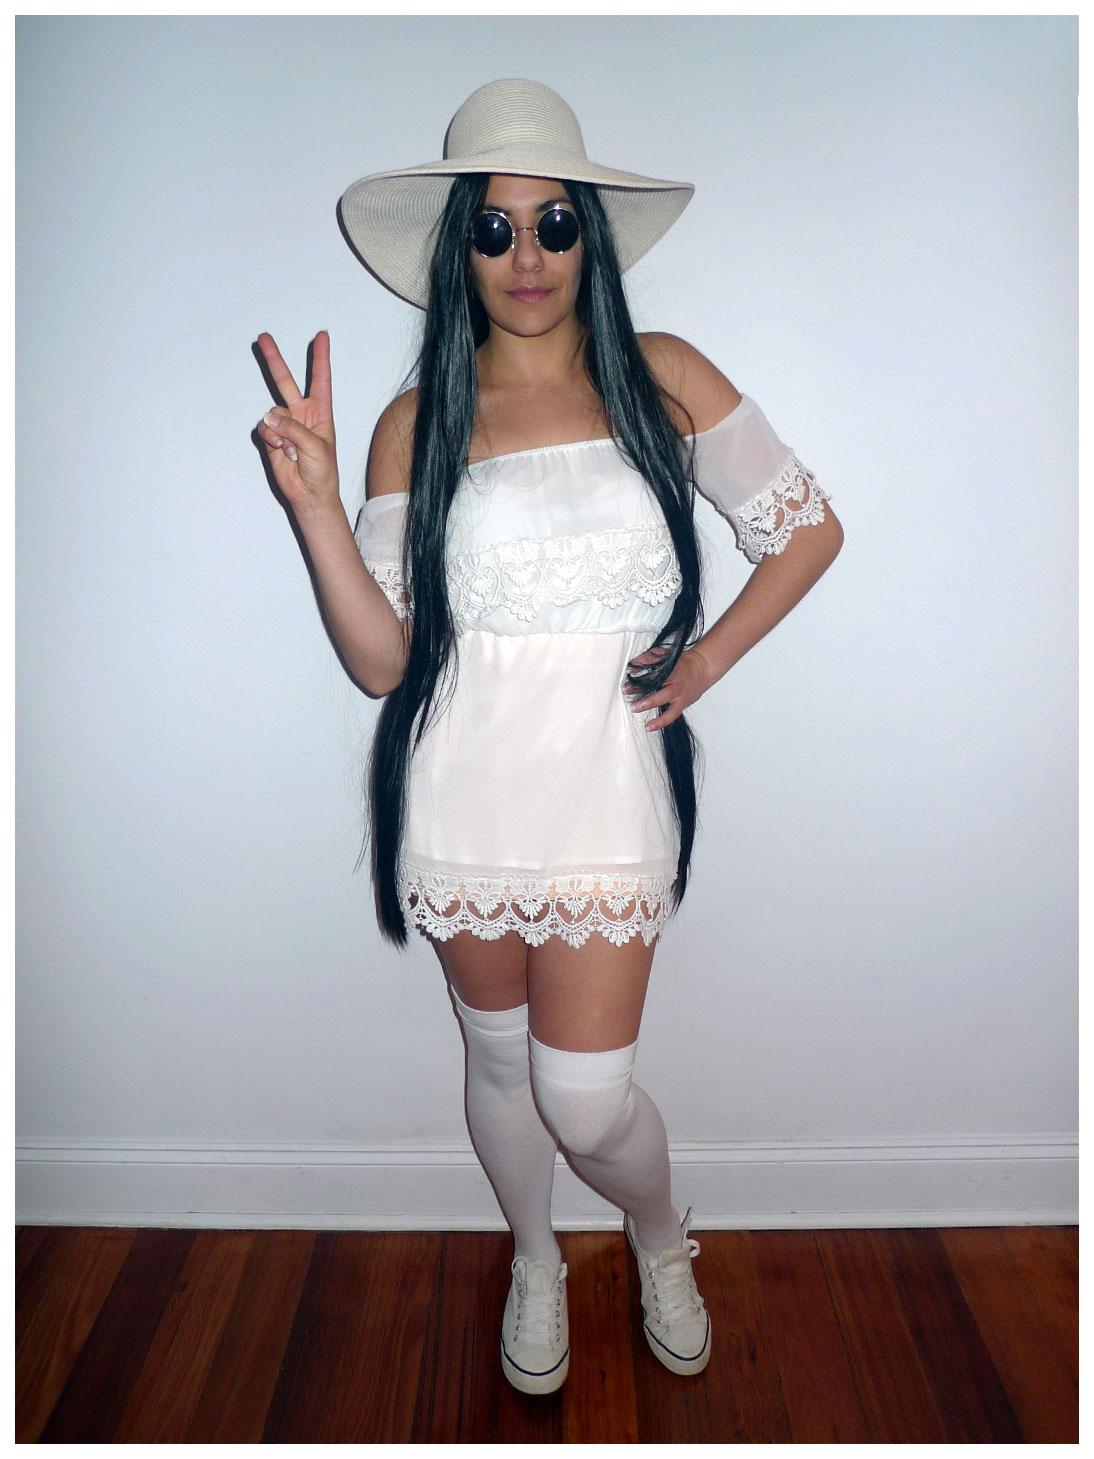 Yoko Ono Wig 61